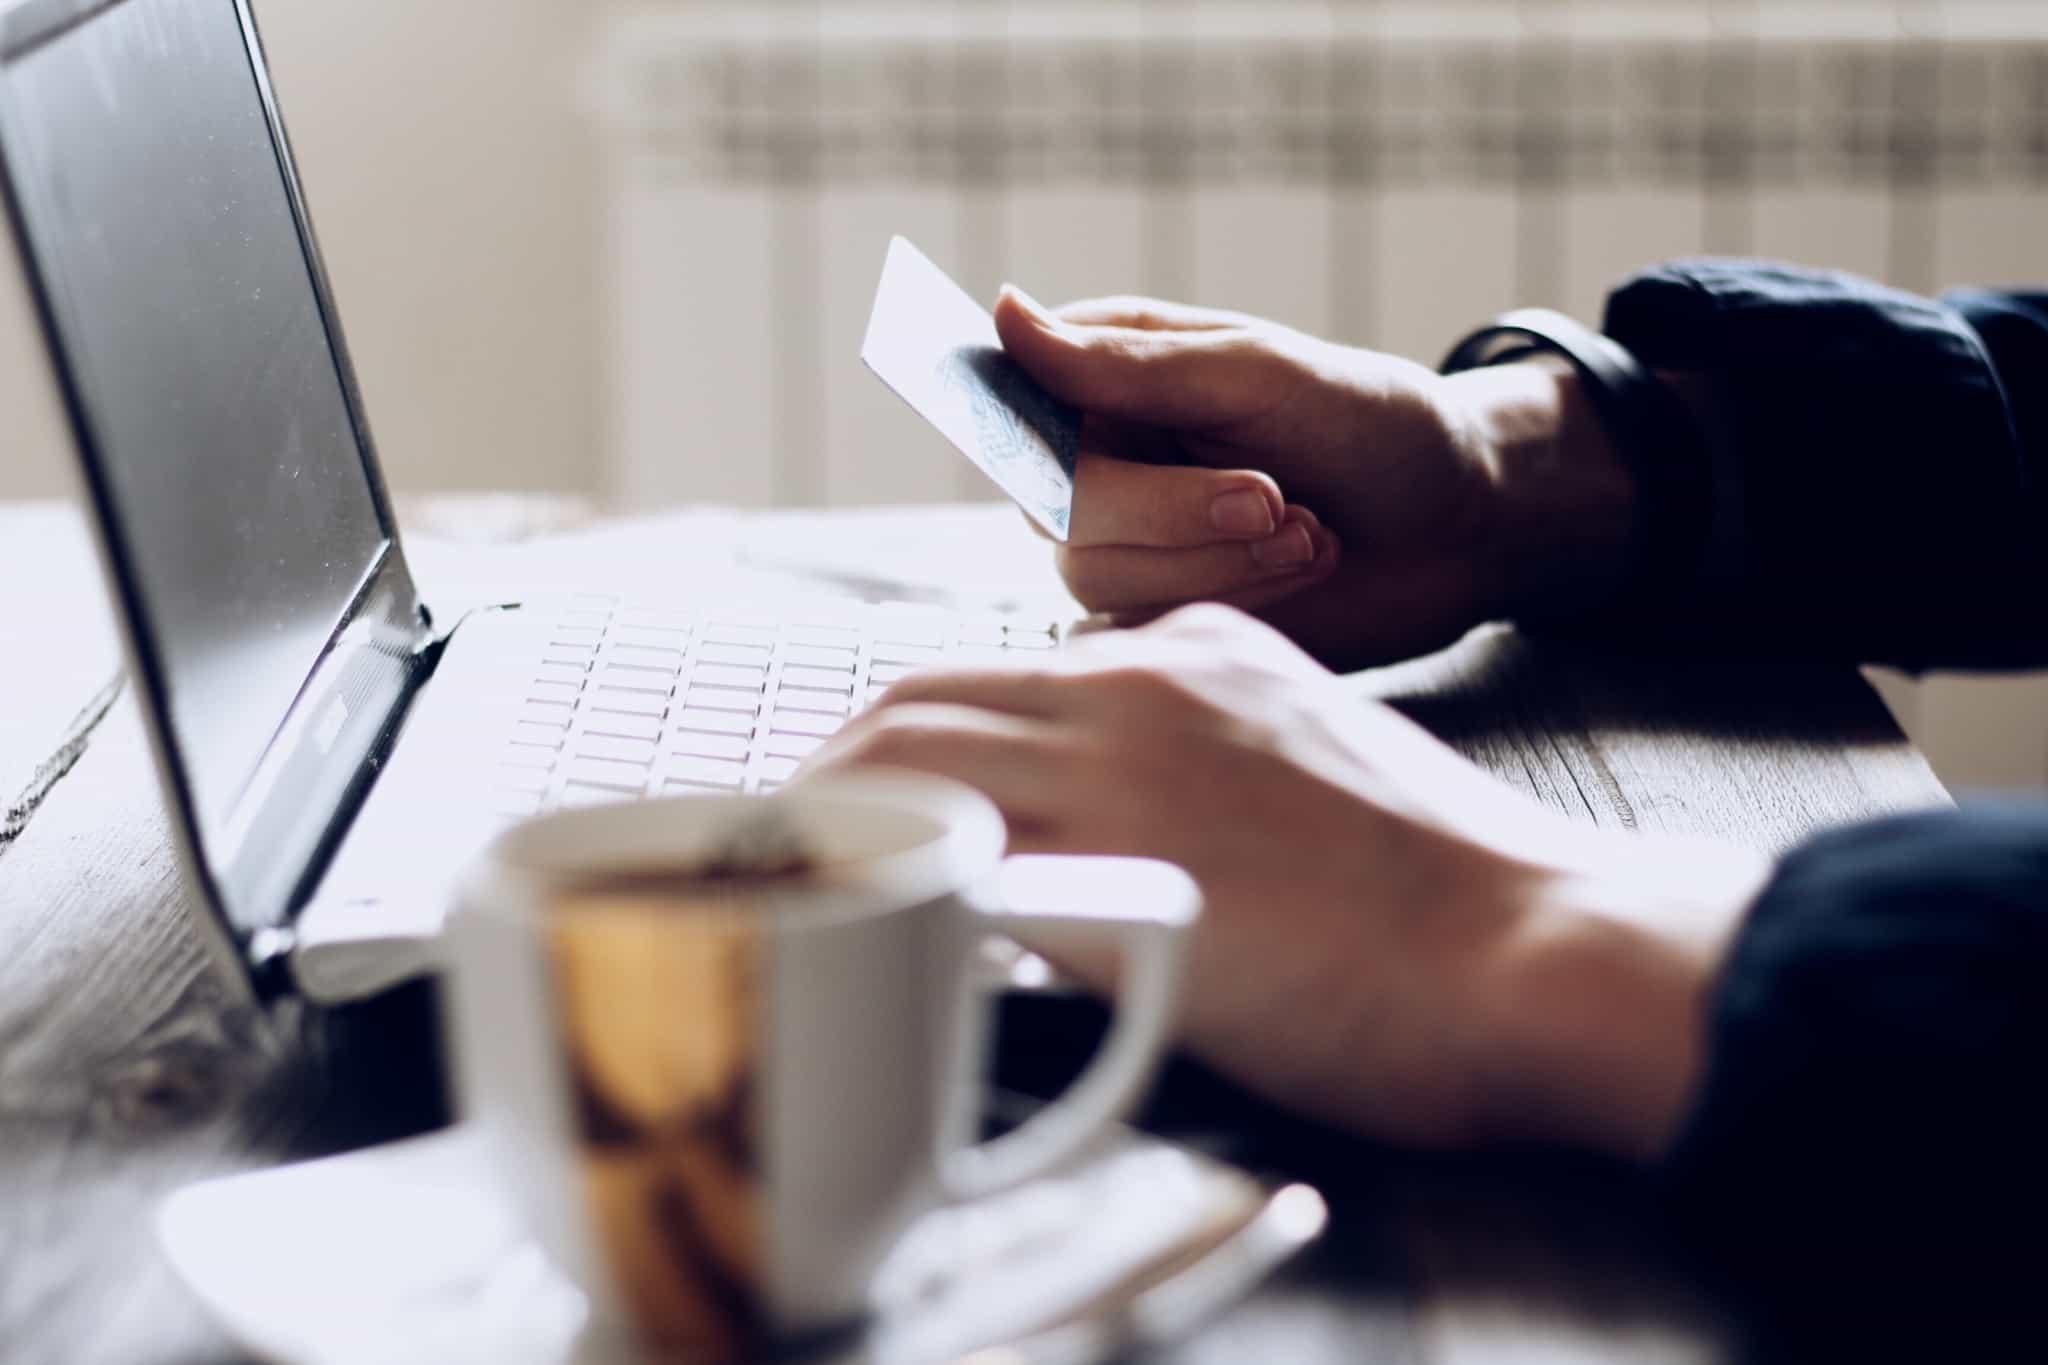 Compras online com cartão de crédito